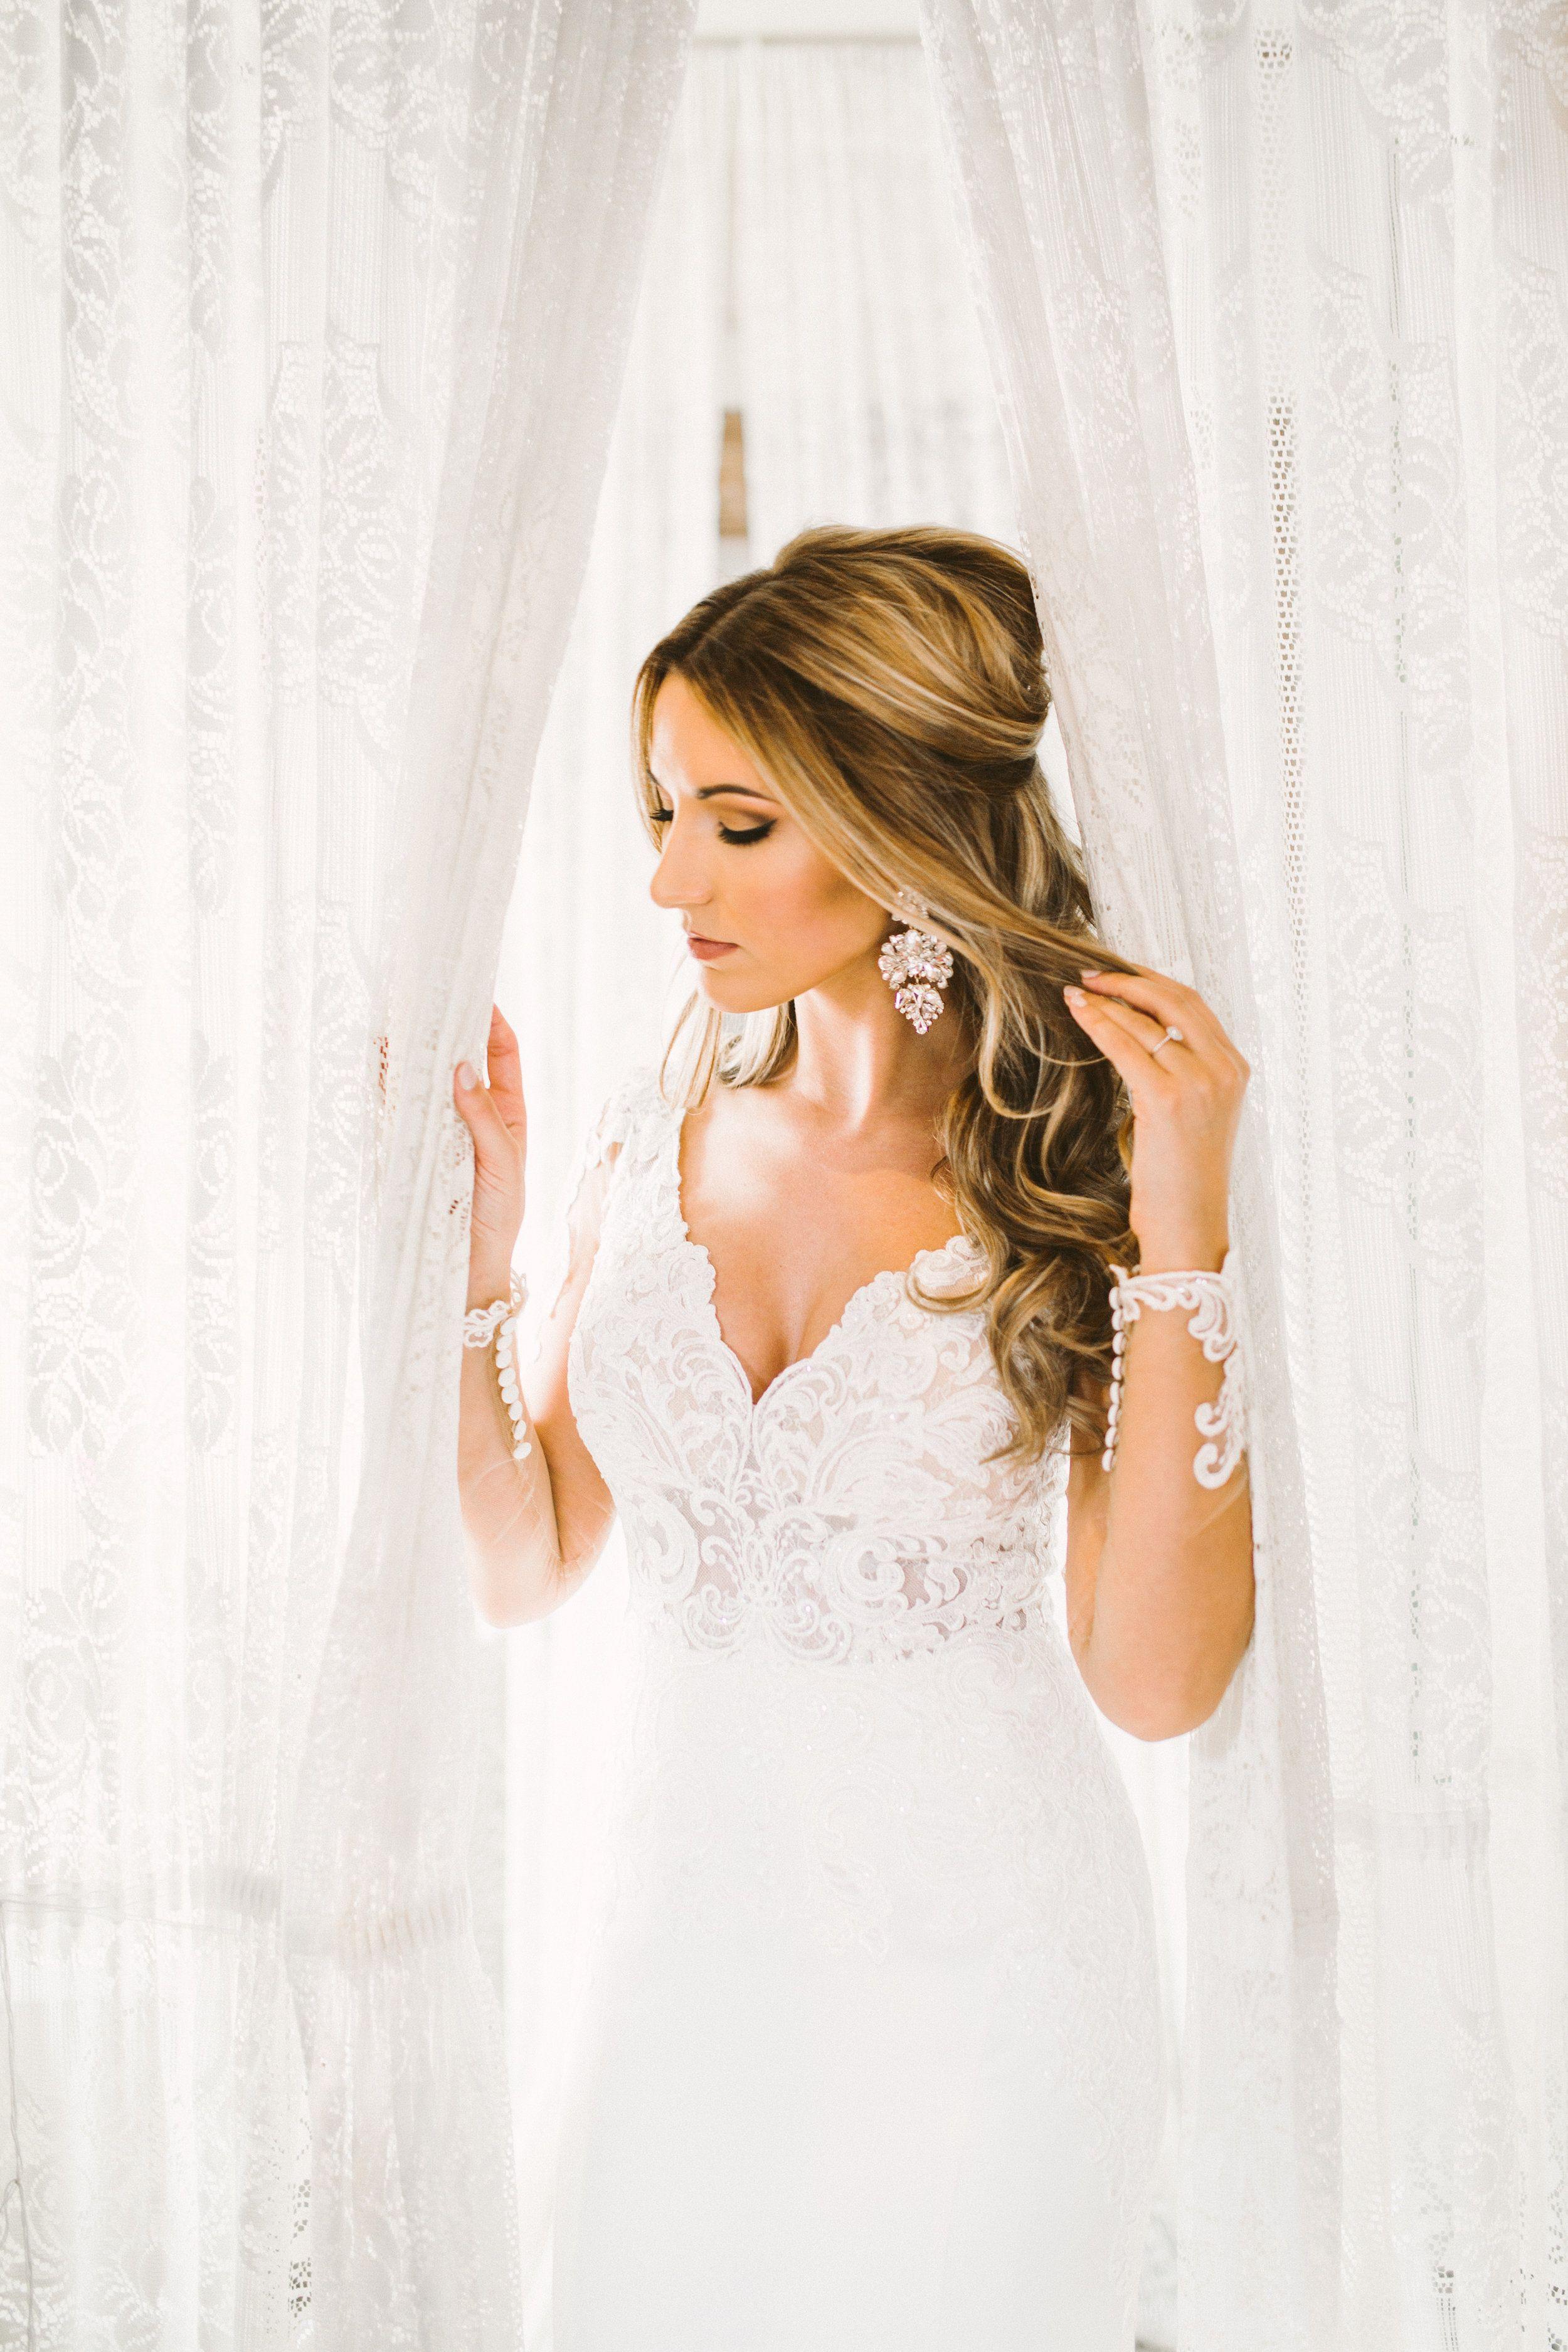 Beautiful bride, Real bride, New Orleans bride, Louisiana